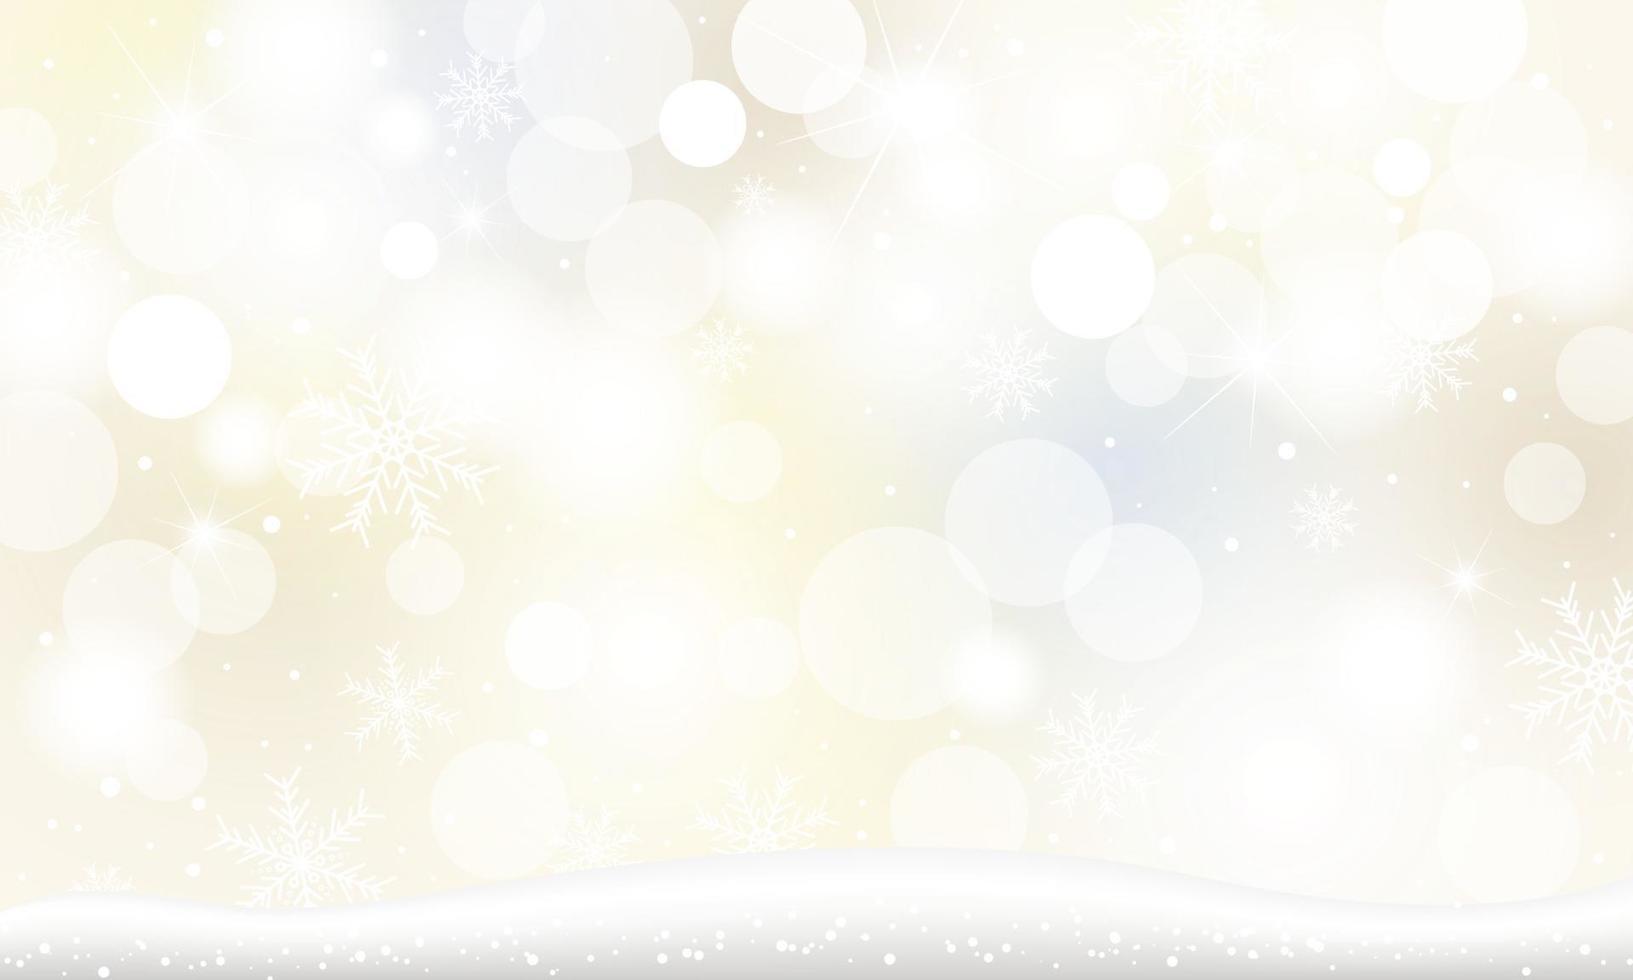 disegno del fondo di natale del fiocco di neve e della neve che cade con le luci del bokeh nell'illustrazione di vettore di inverno